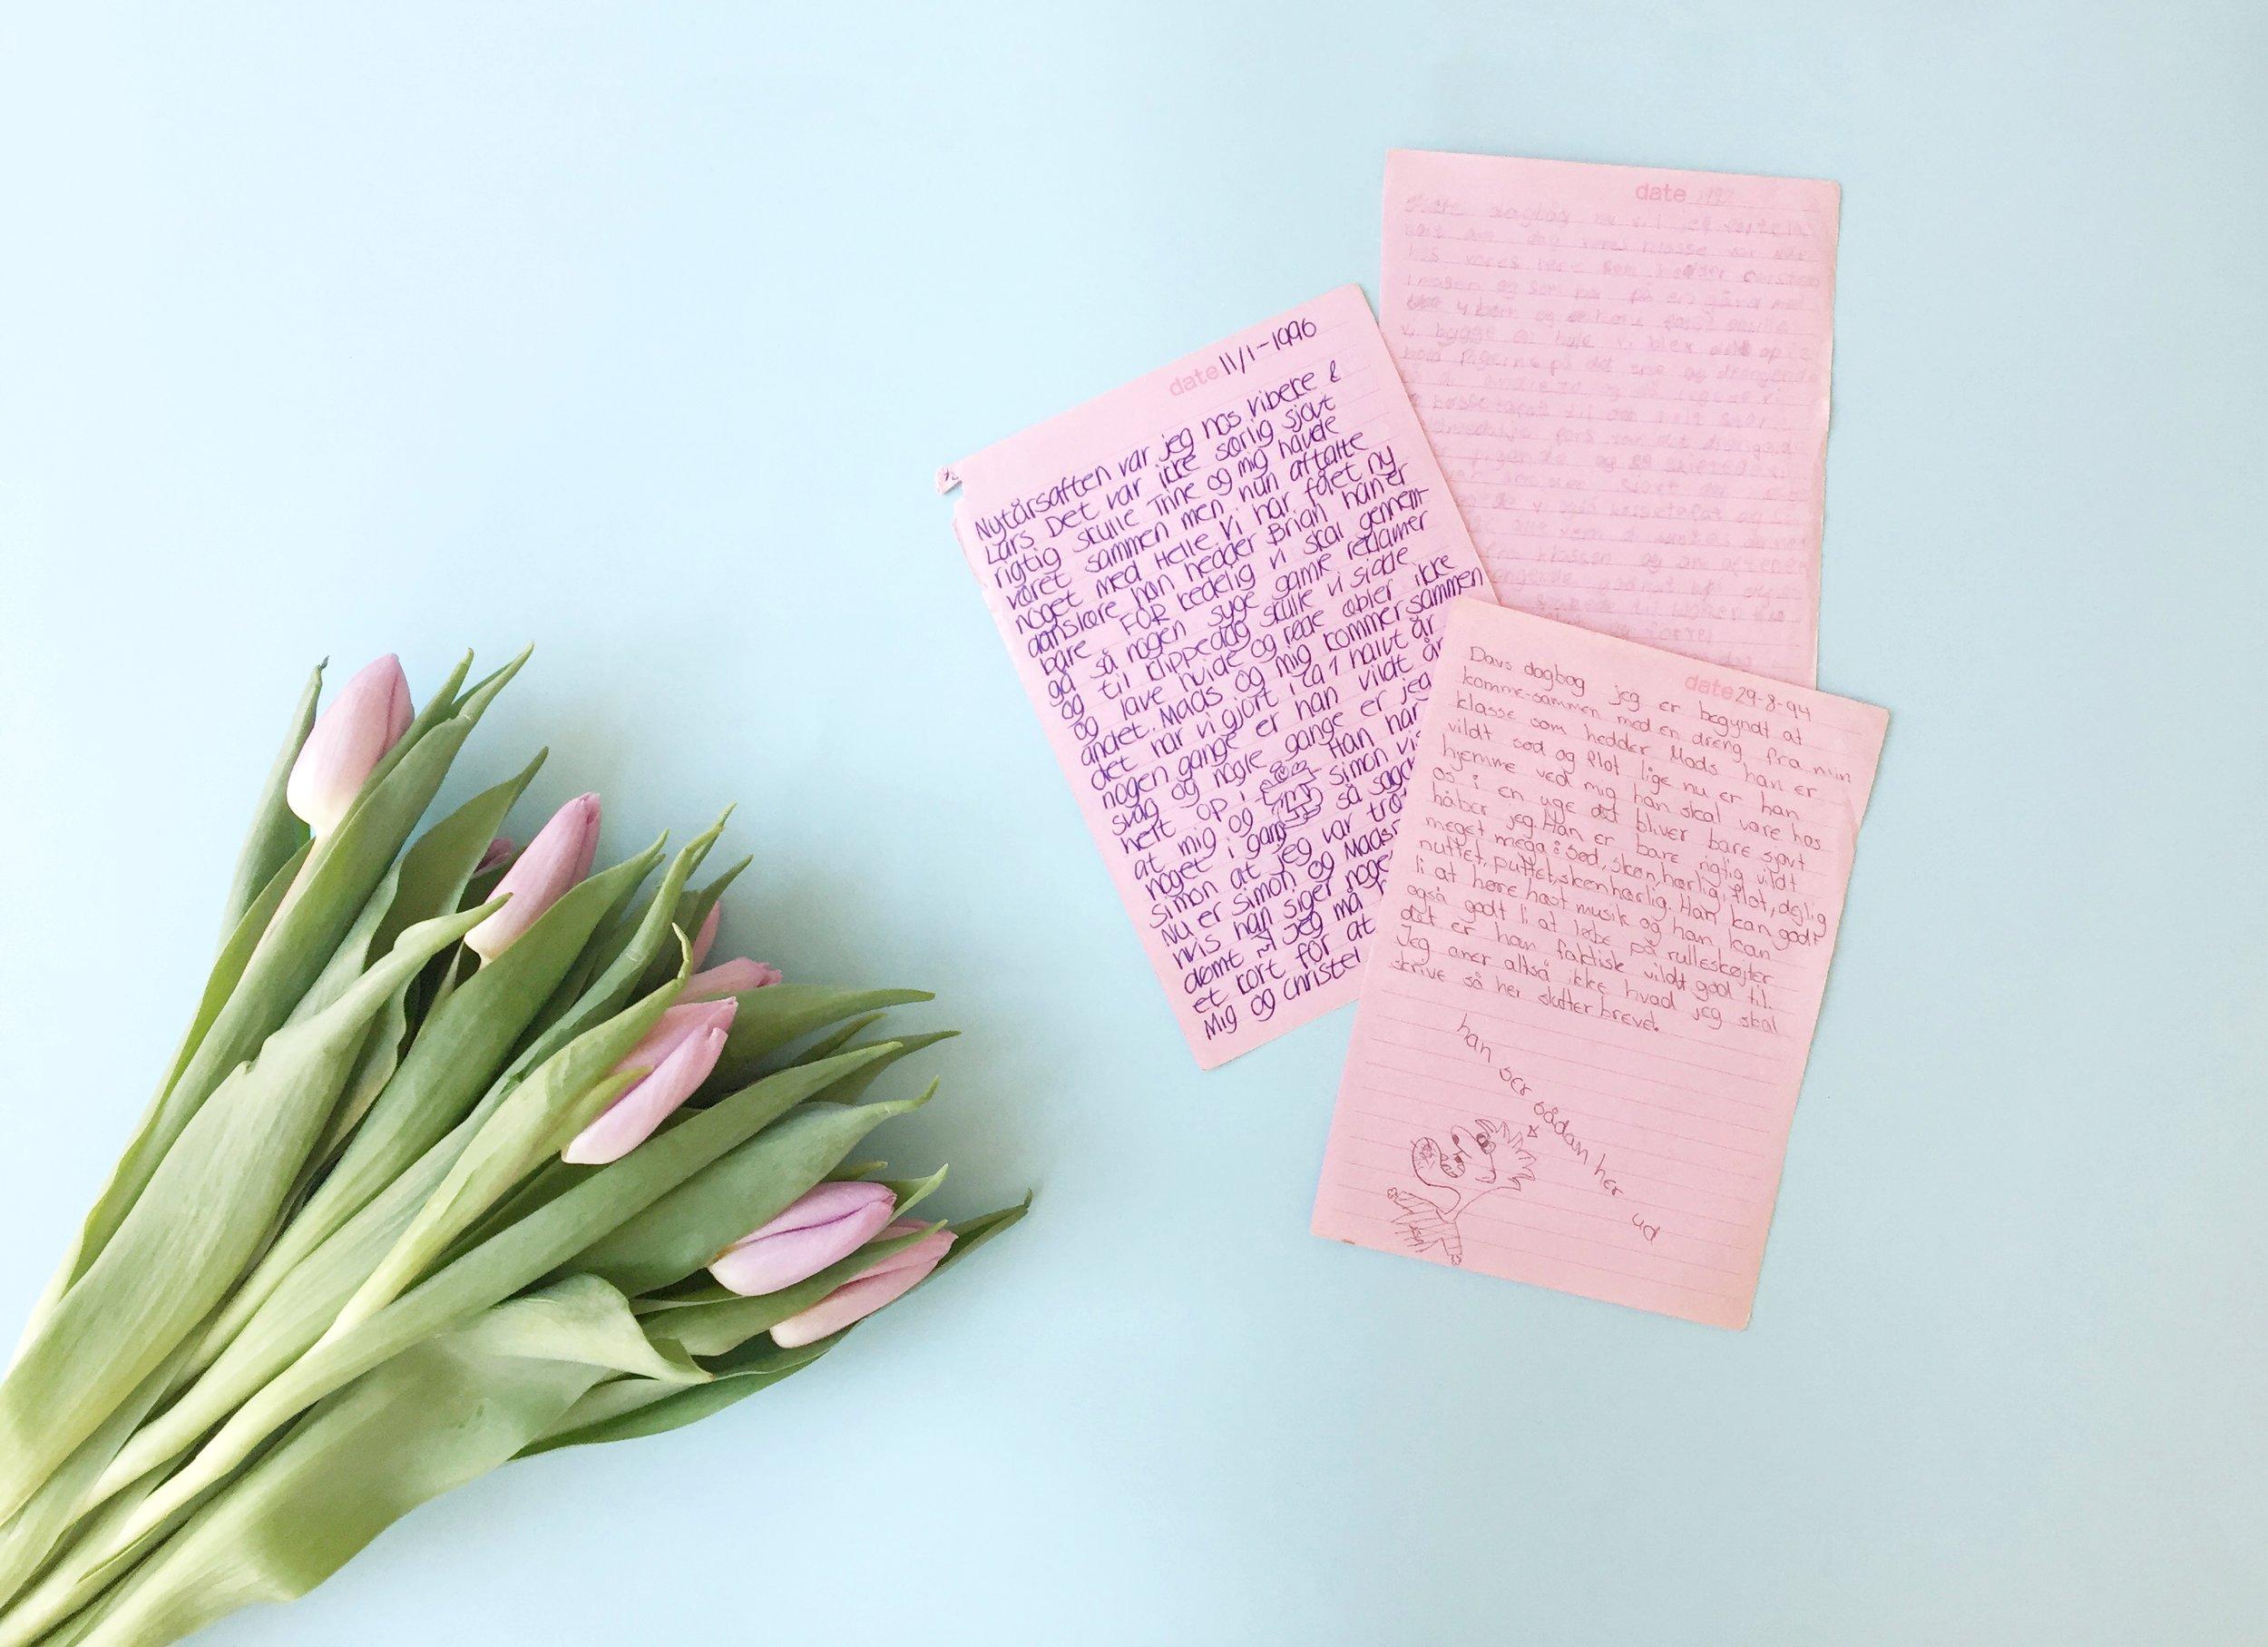 3 sider fra en dagbog, der var spækket med forelskelse, intriger og drama. Præcis som kærligheden skal være, når man er 12 år gammel